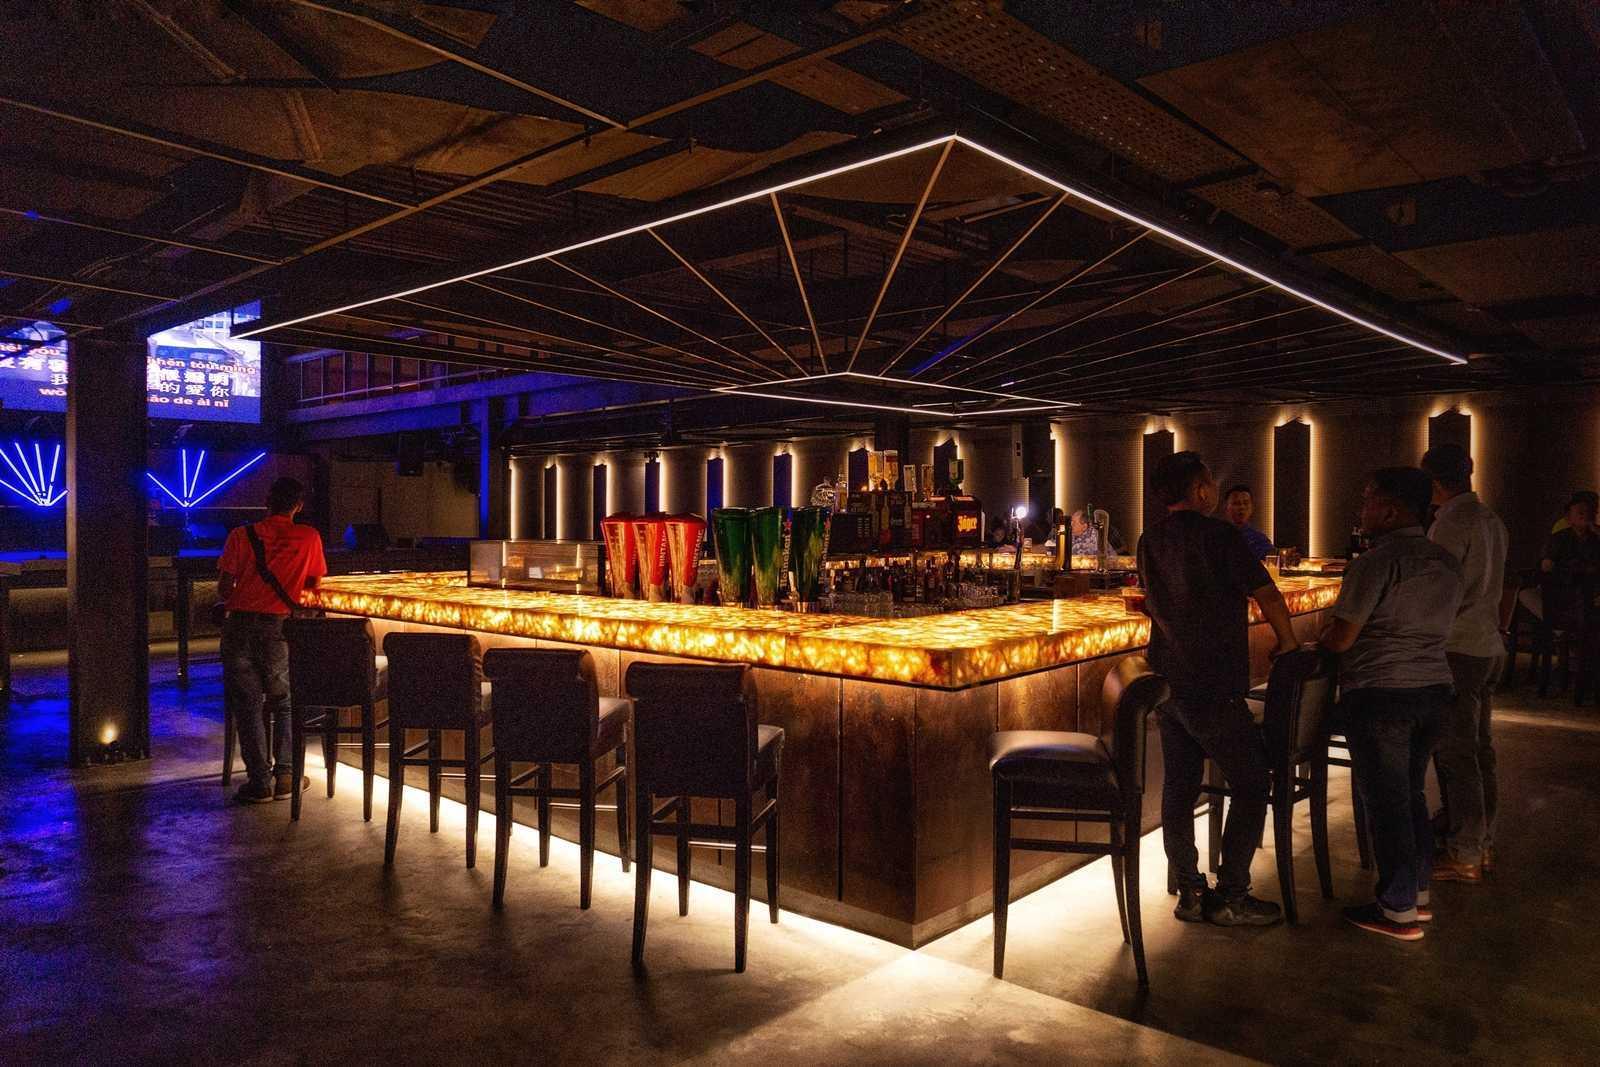 Bd Studio Shoot Club And Bar Medan, Kota Medan, Sumatera Utara, Indonesia Medan, Kota Medan, Sumatera Utara, Indonesia Bd-Studio-Shoot-Club-And-Bar   77732